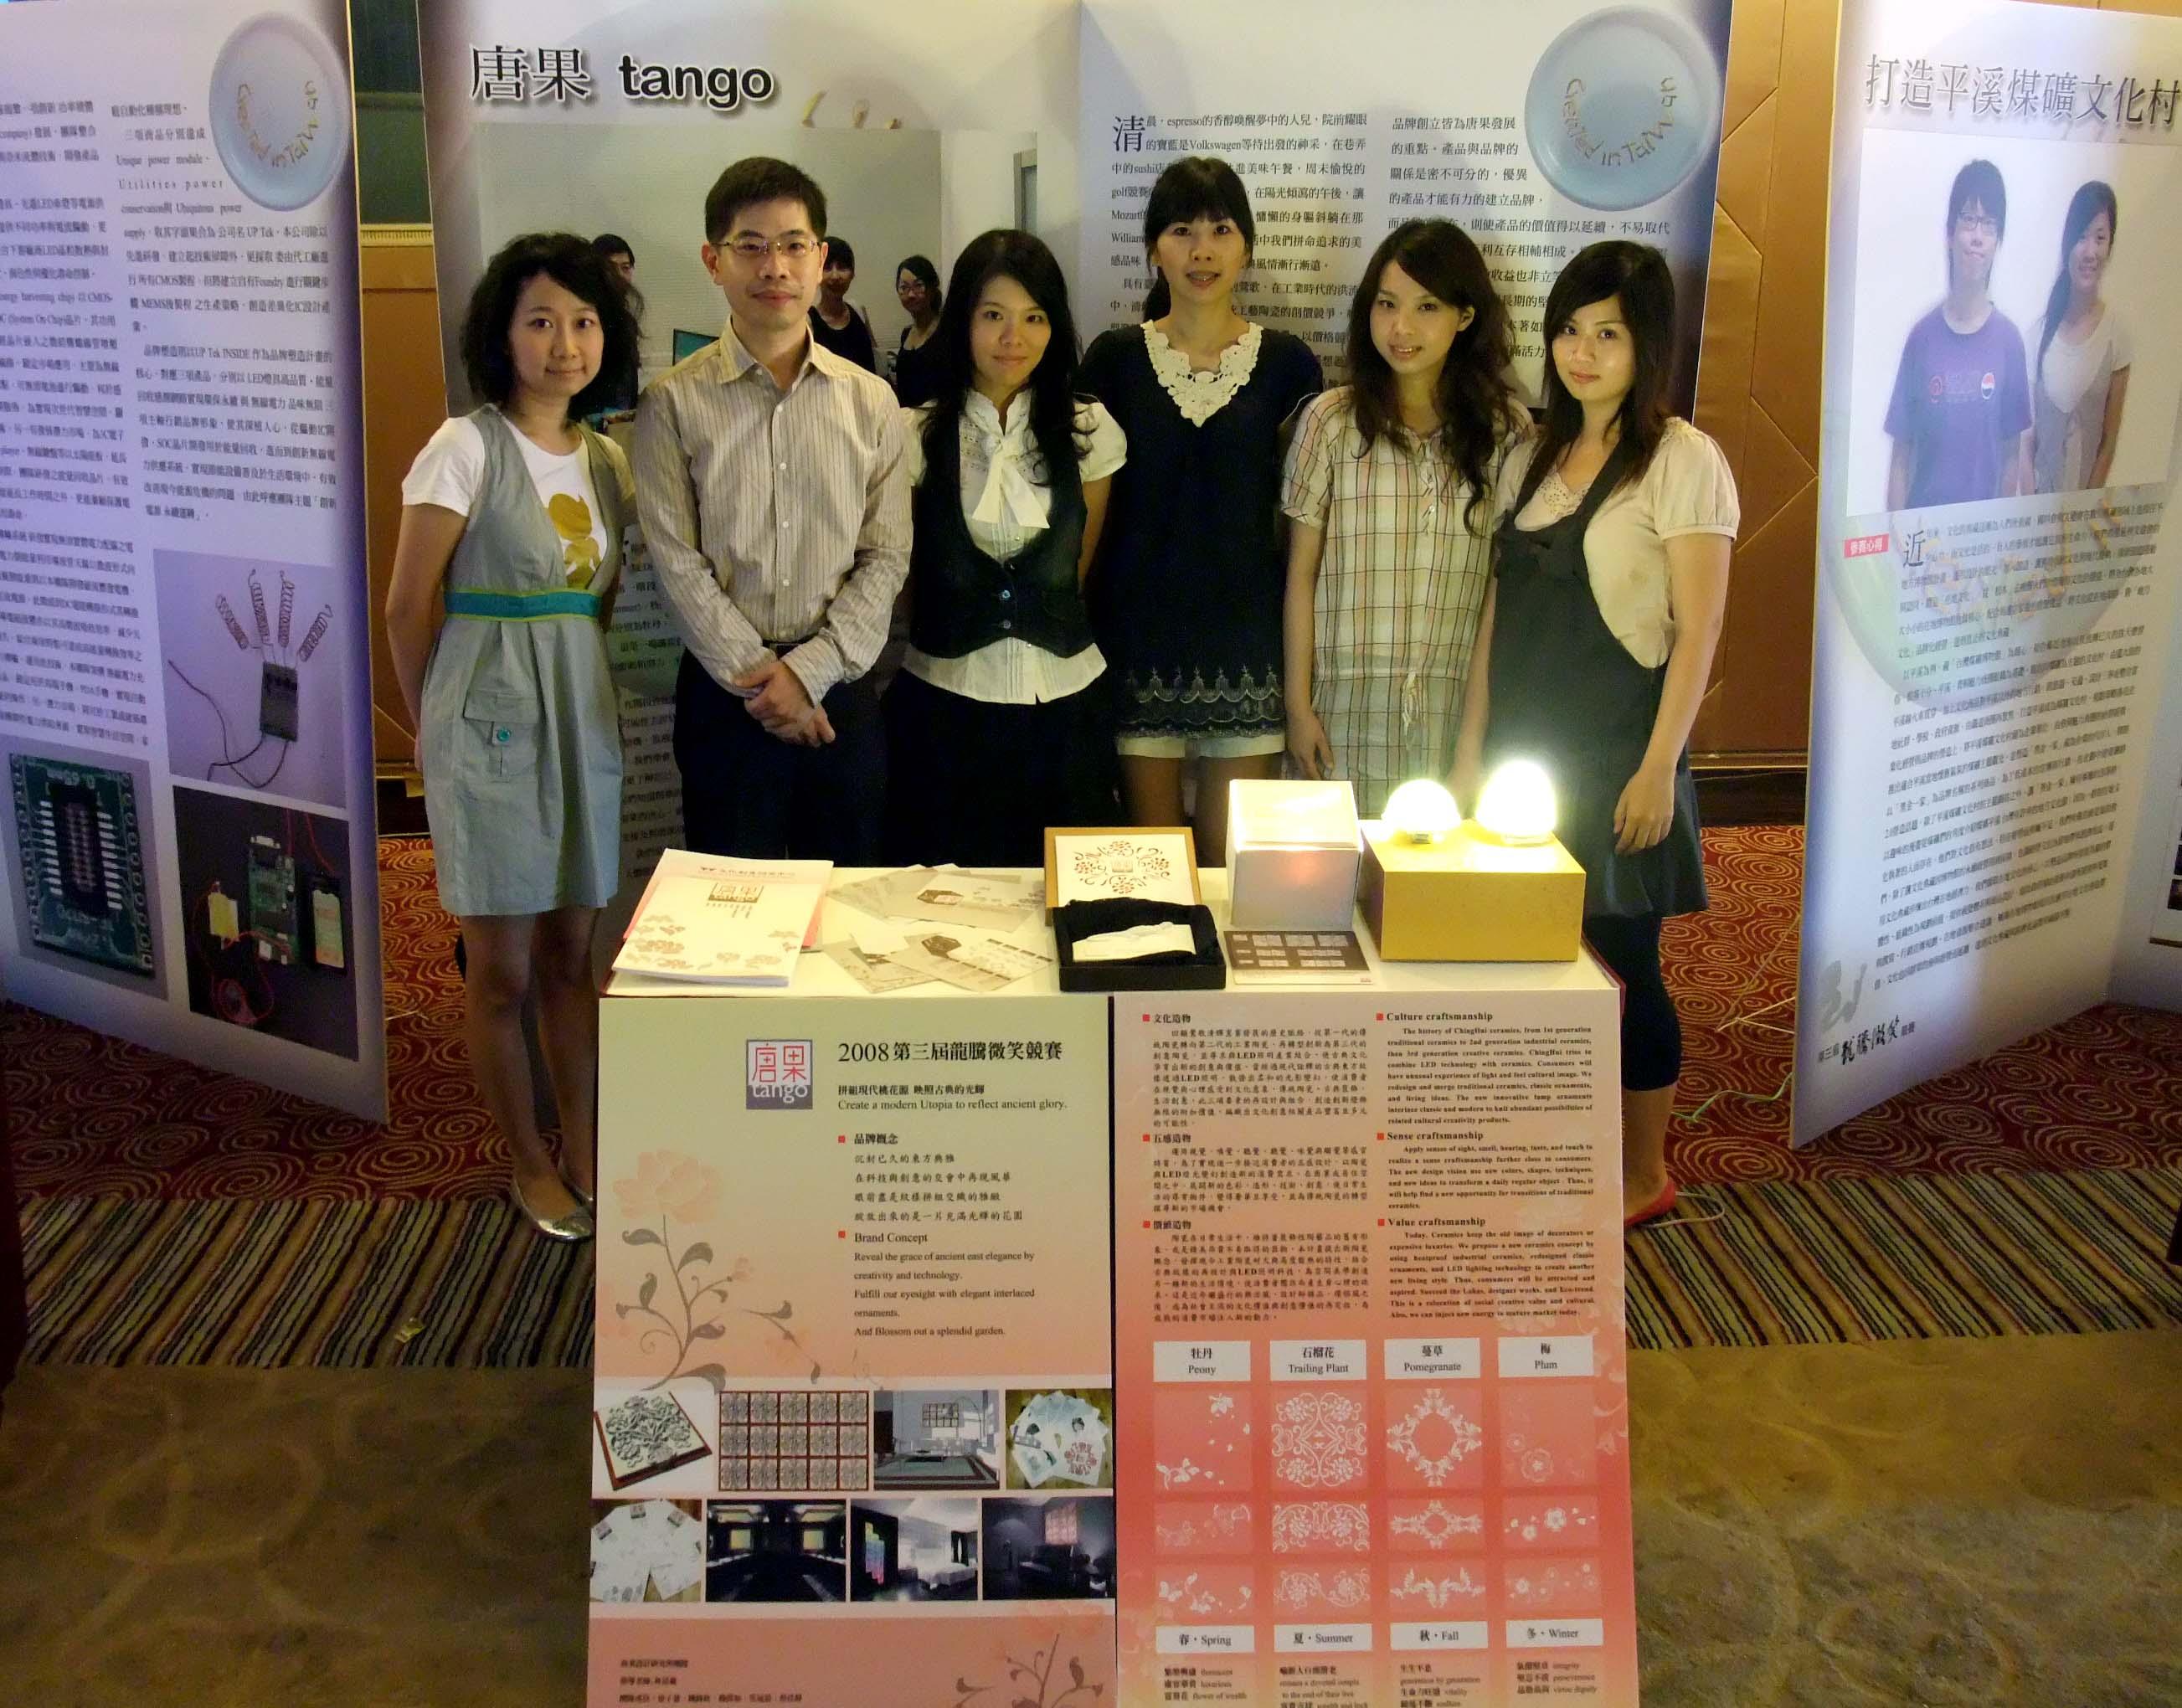 林昆範老師率商設所唐果團隊 榮獲「龍騰微笑競賽」佳作